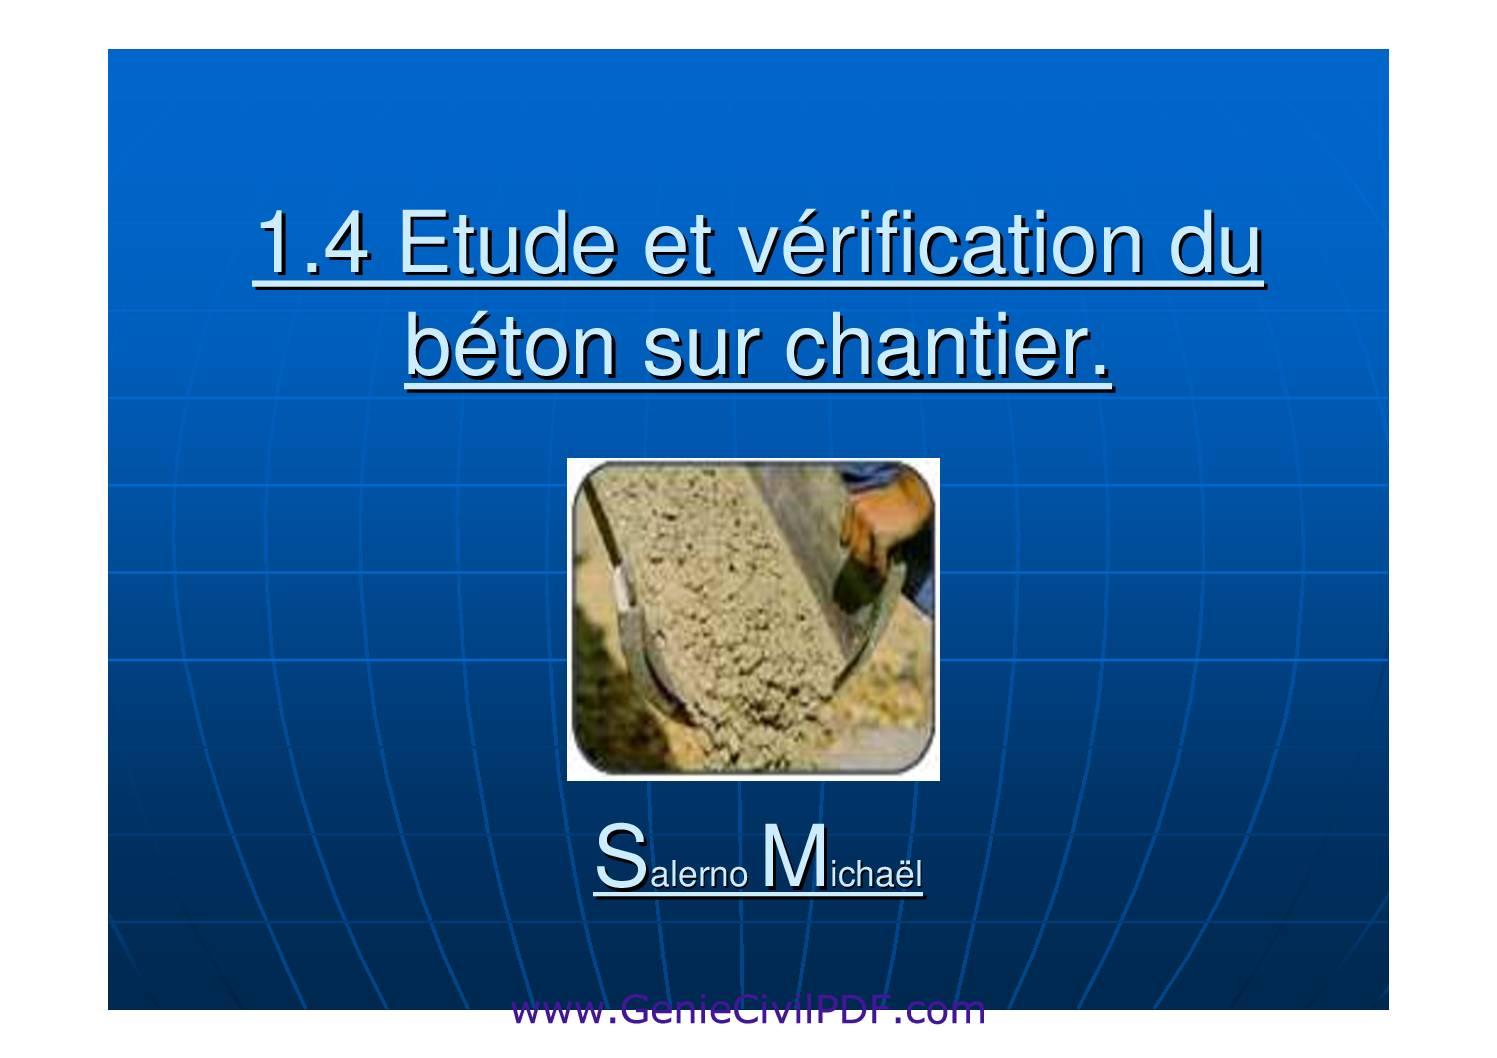 Etude et vérification du beton sur chantier